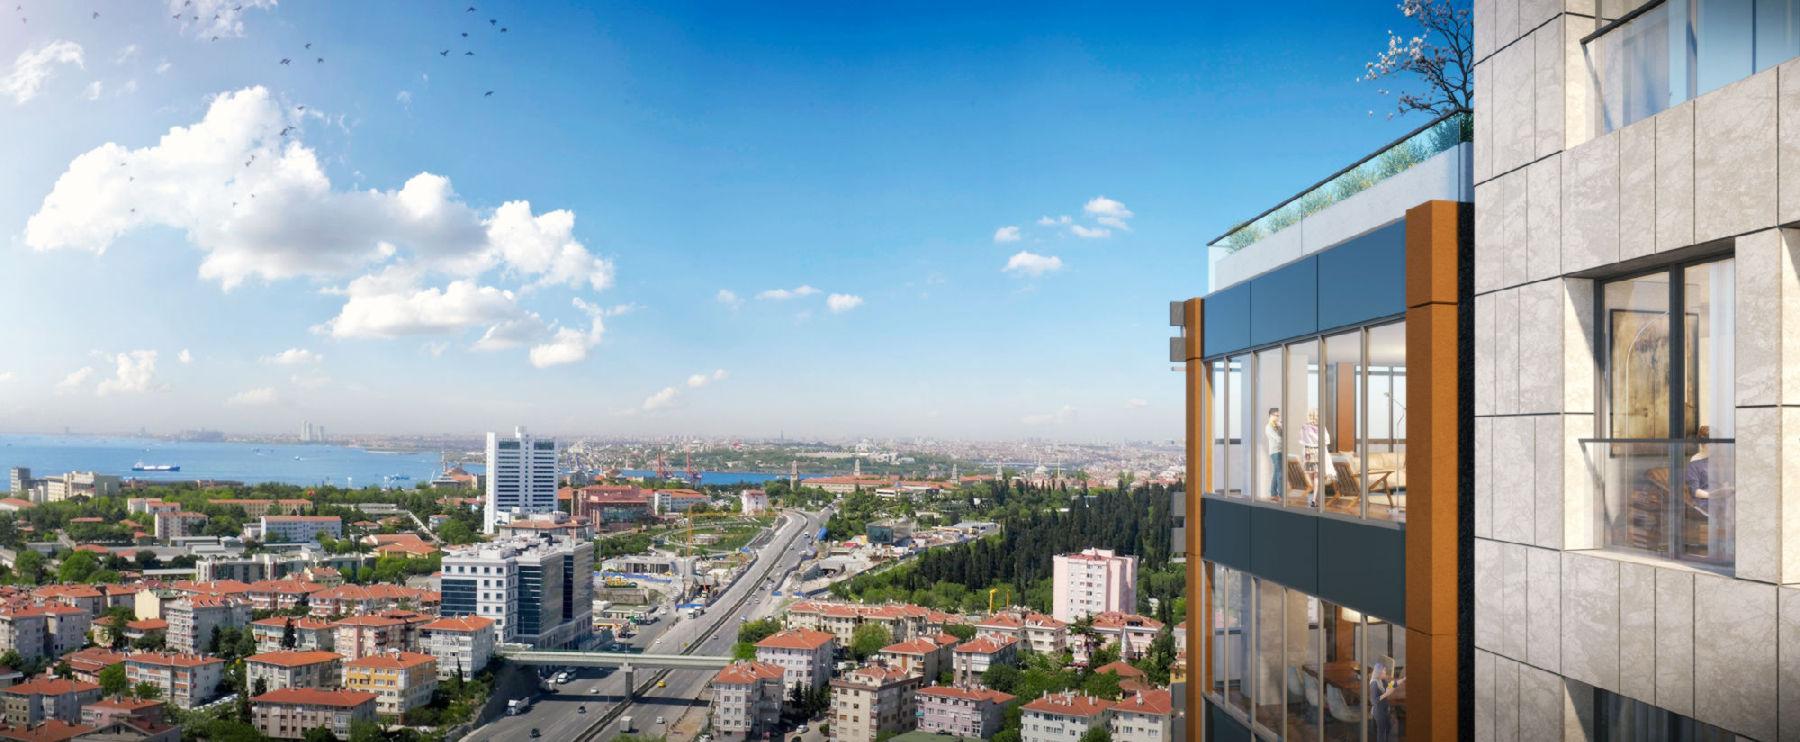 «Умные» квартиры в новом жилом комплексе Стамбула - Фото 16